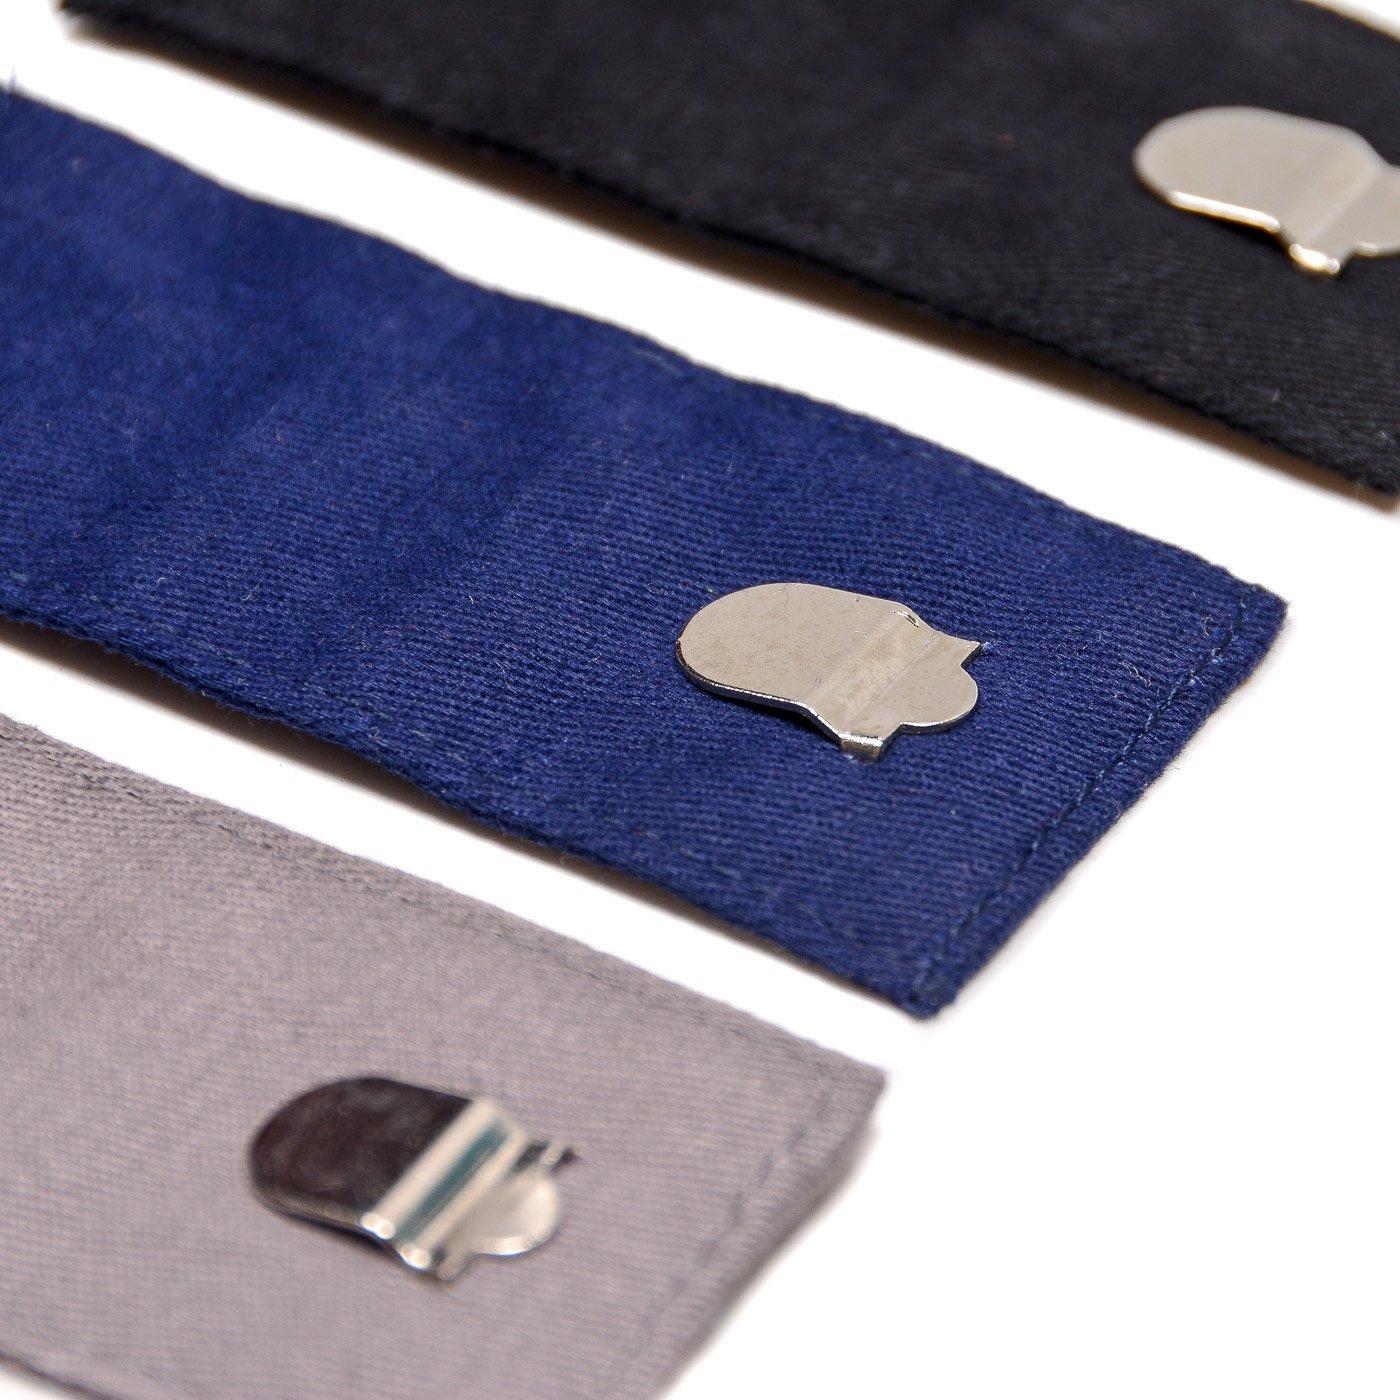 2 tipos de extensores ajustables de la cintura para los pantalones vaqueros y pantalones del juego, 10 pedazos